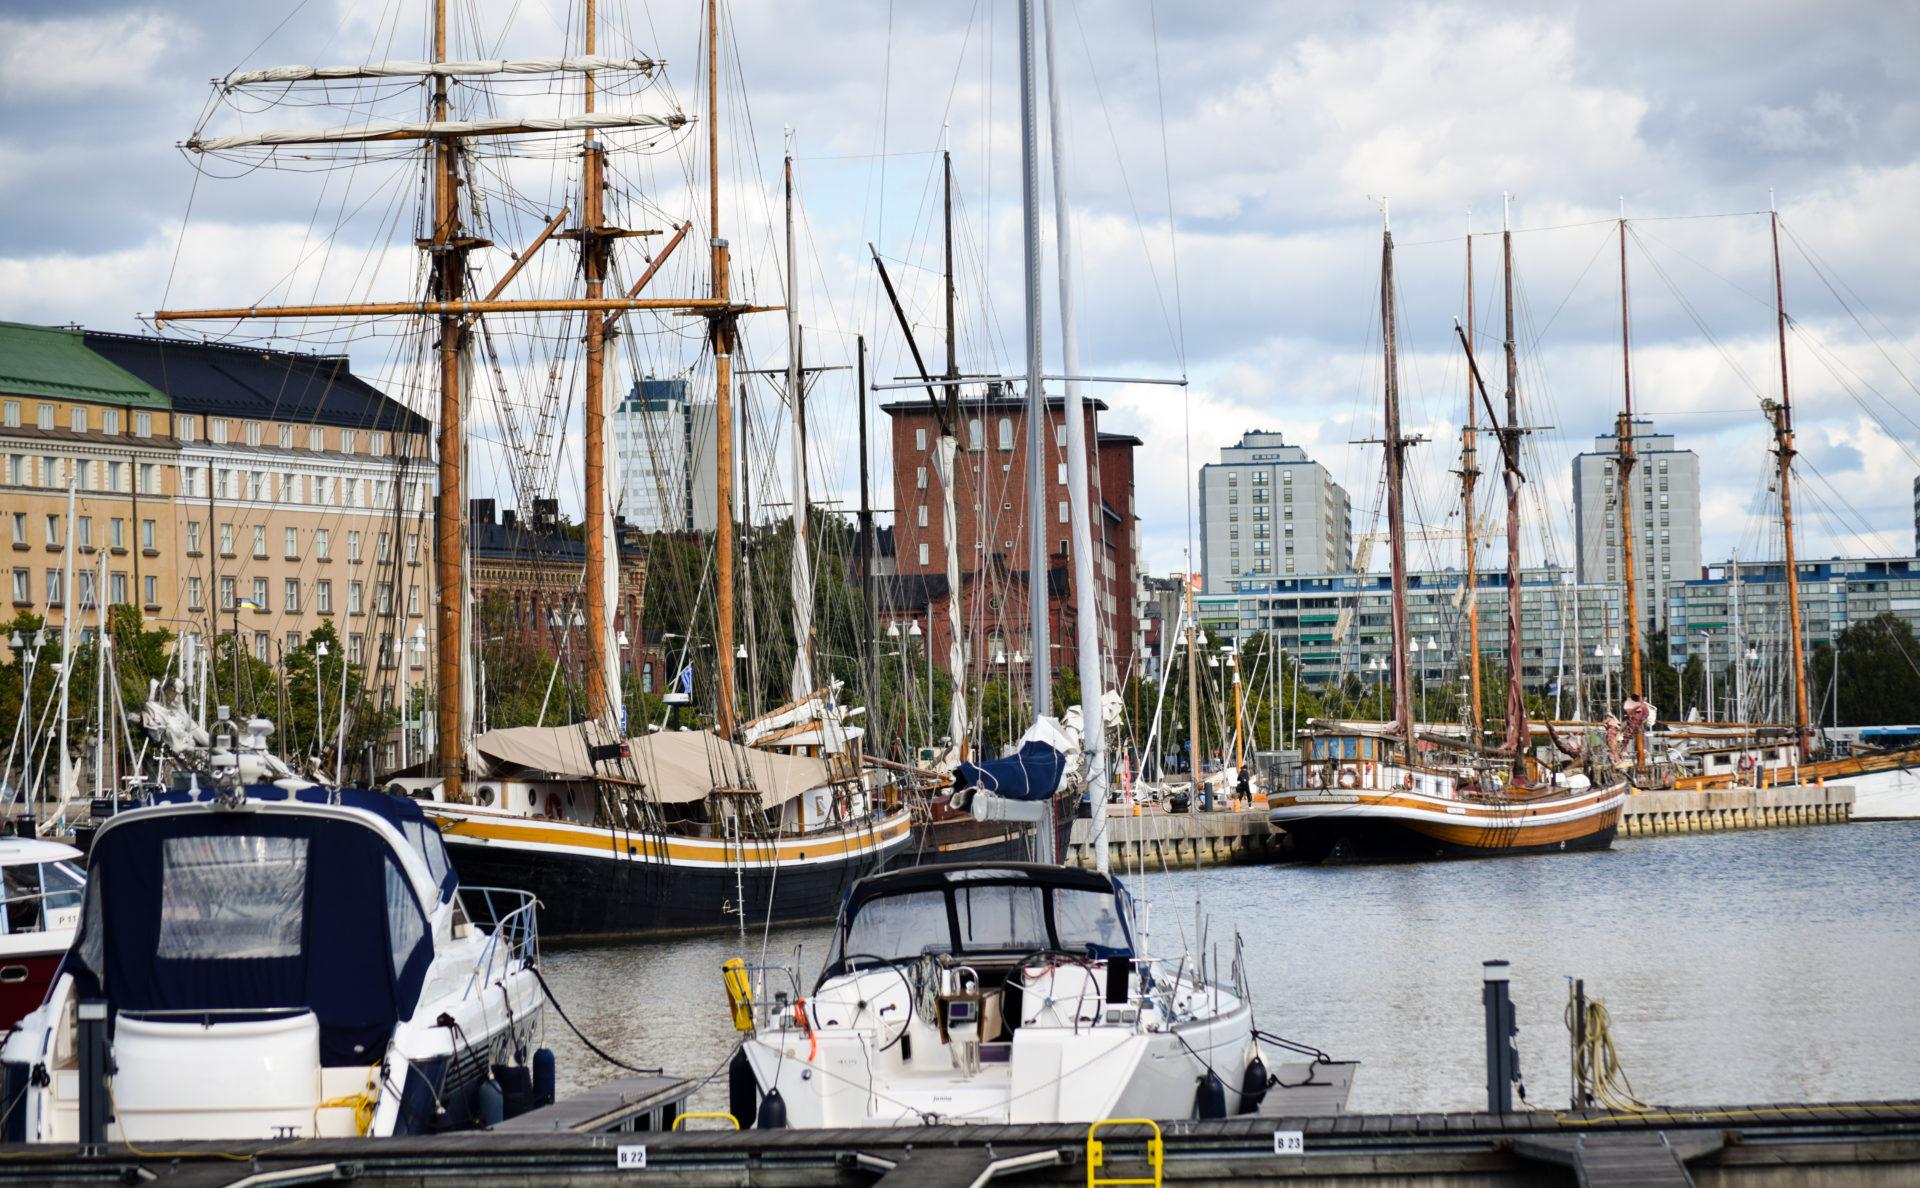 Северная гавань, Хельсинки.